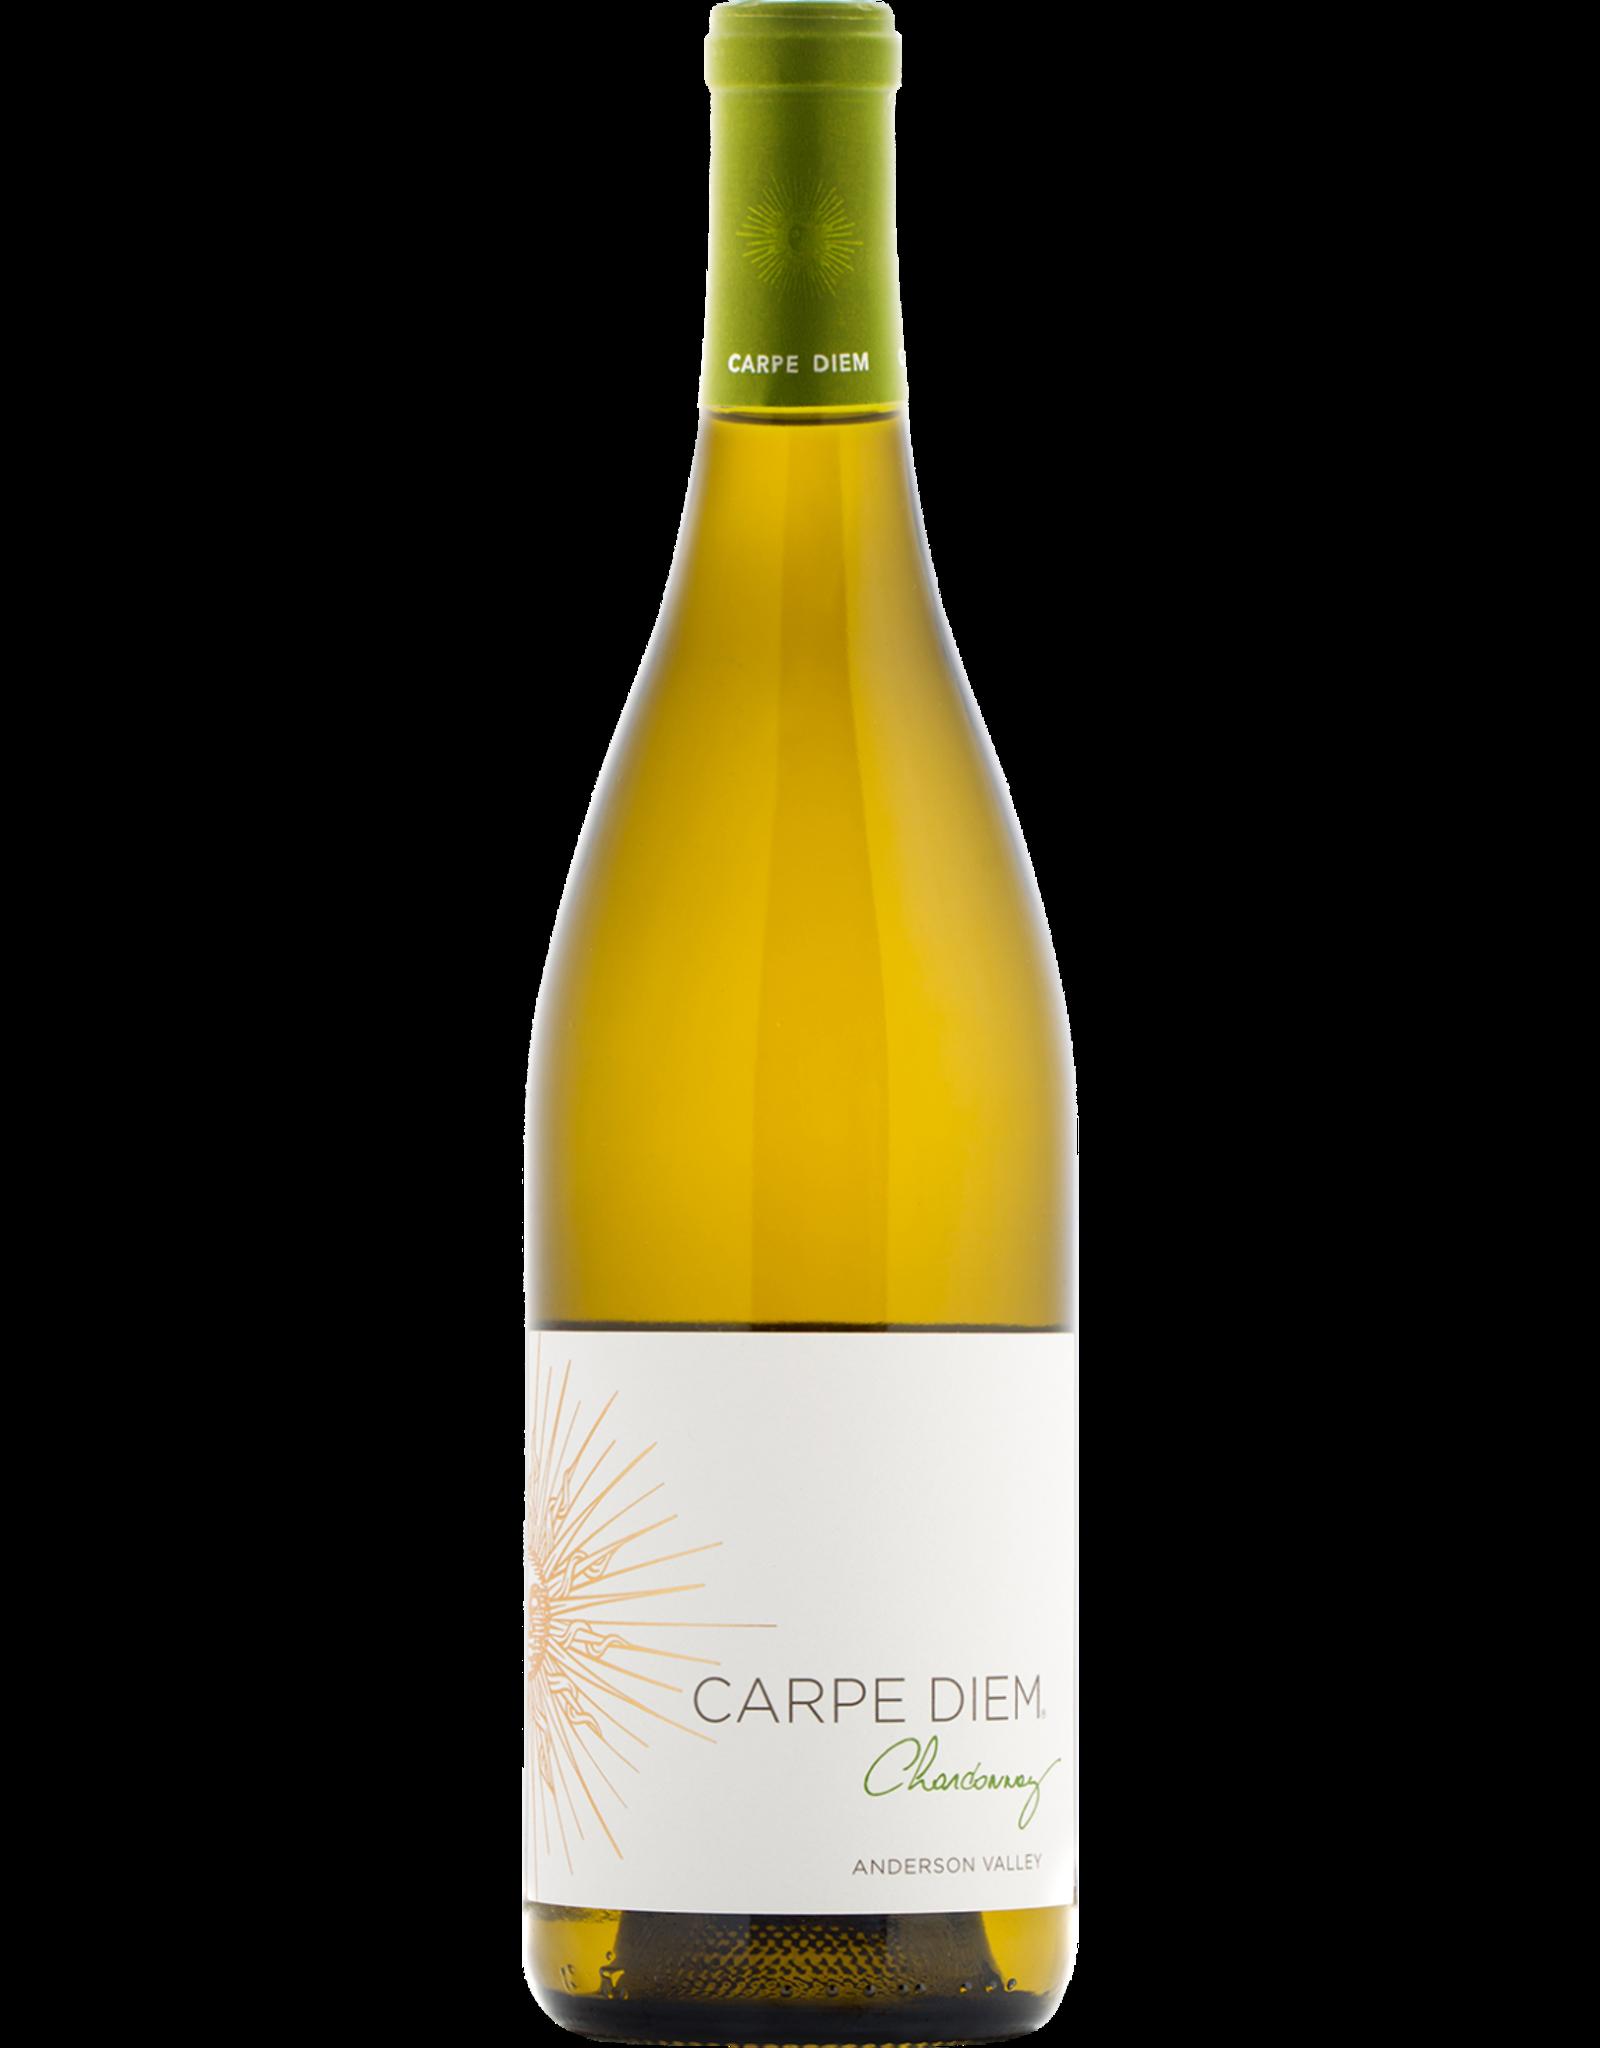 Carpe Diem Chardonnay